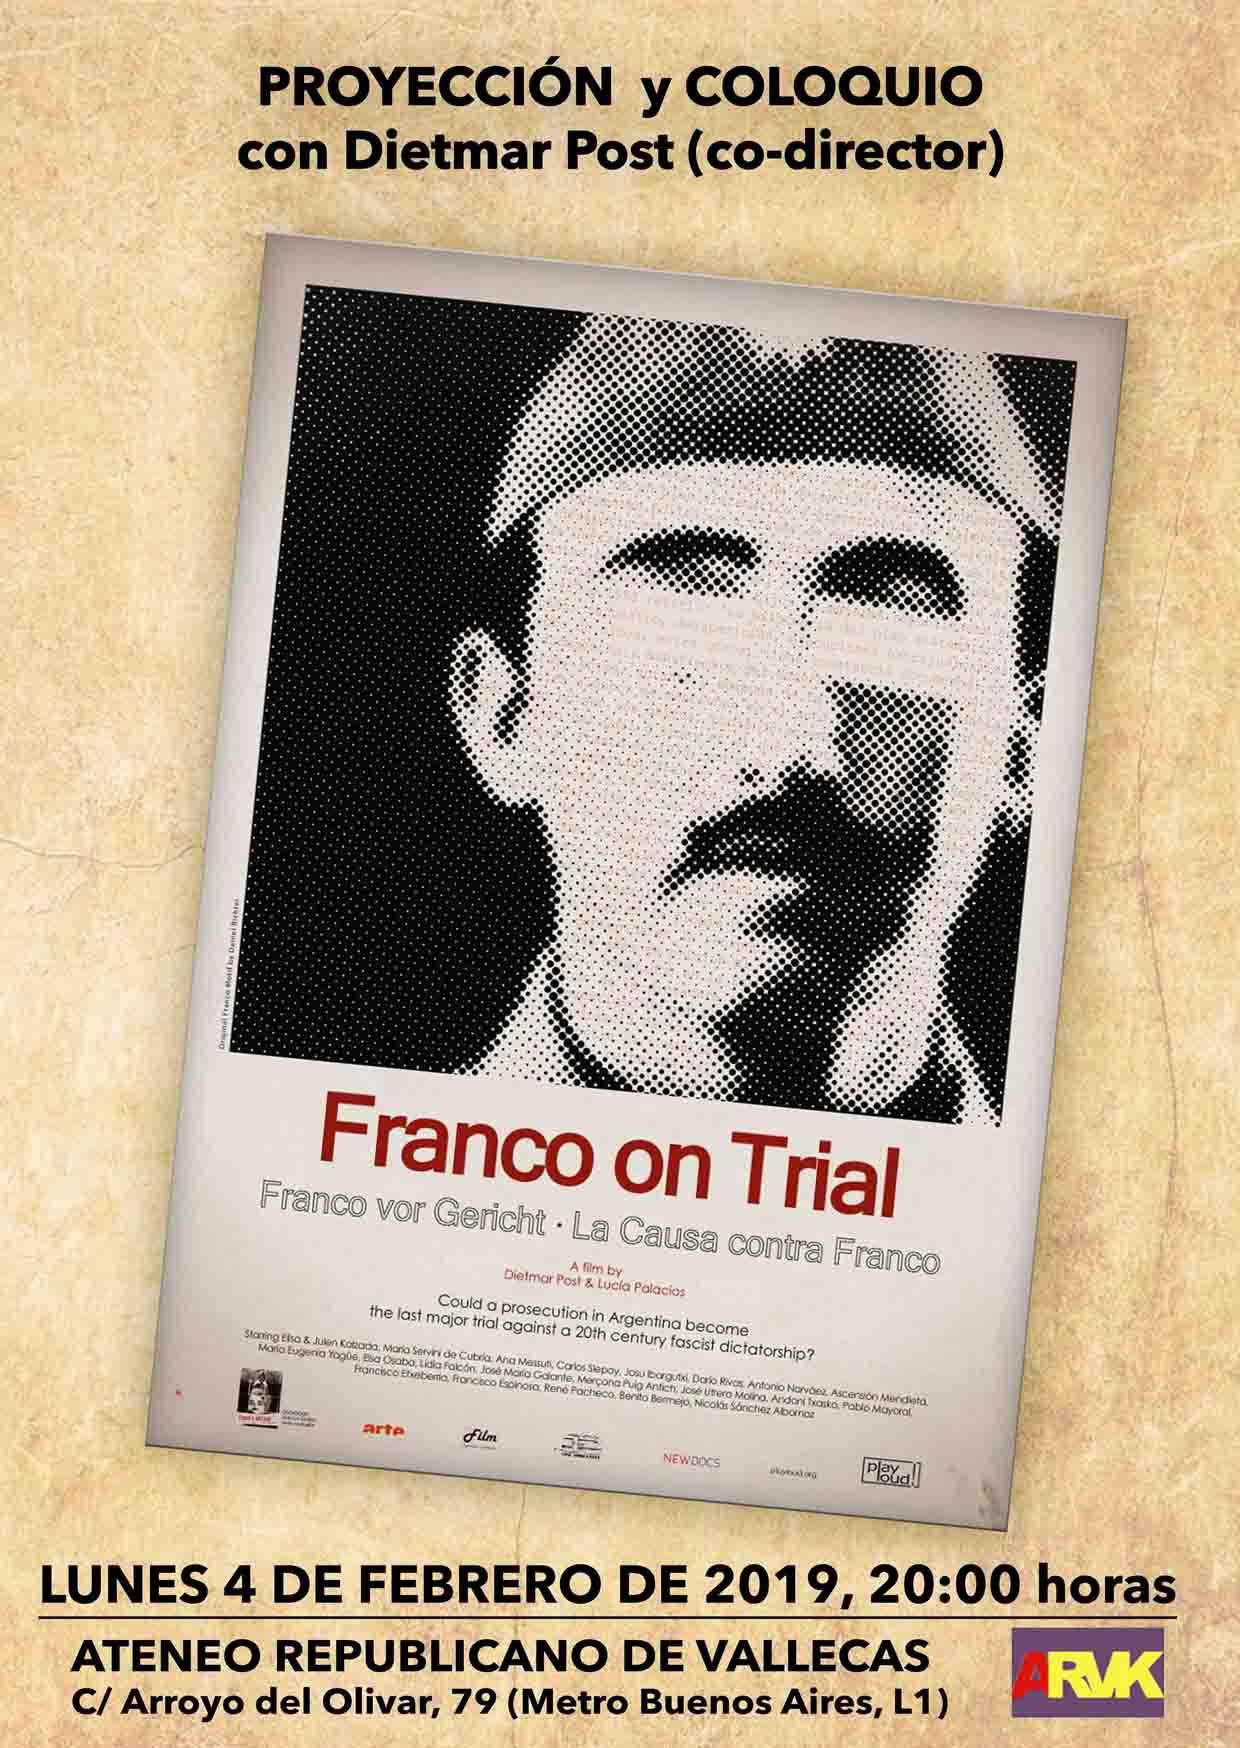 Franco on trial en el Ateneo